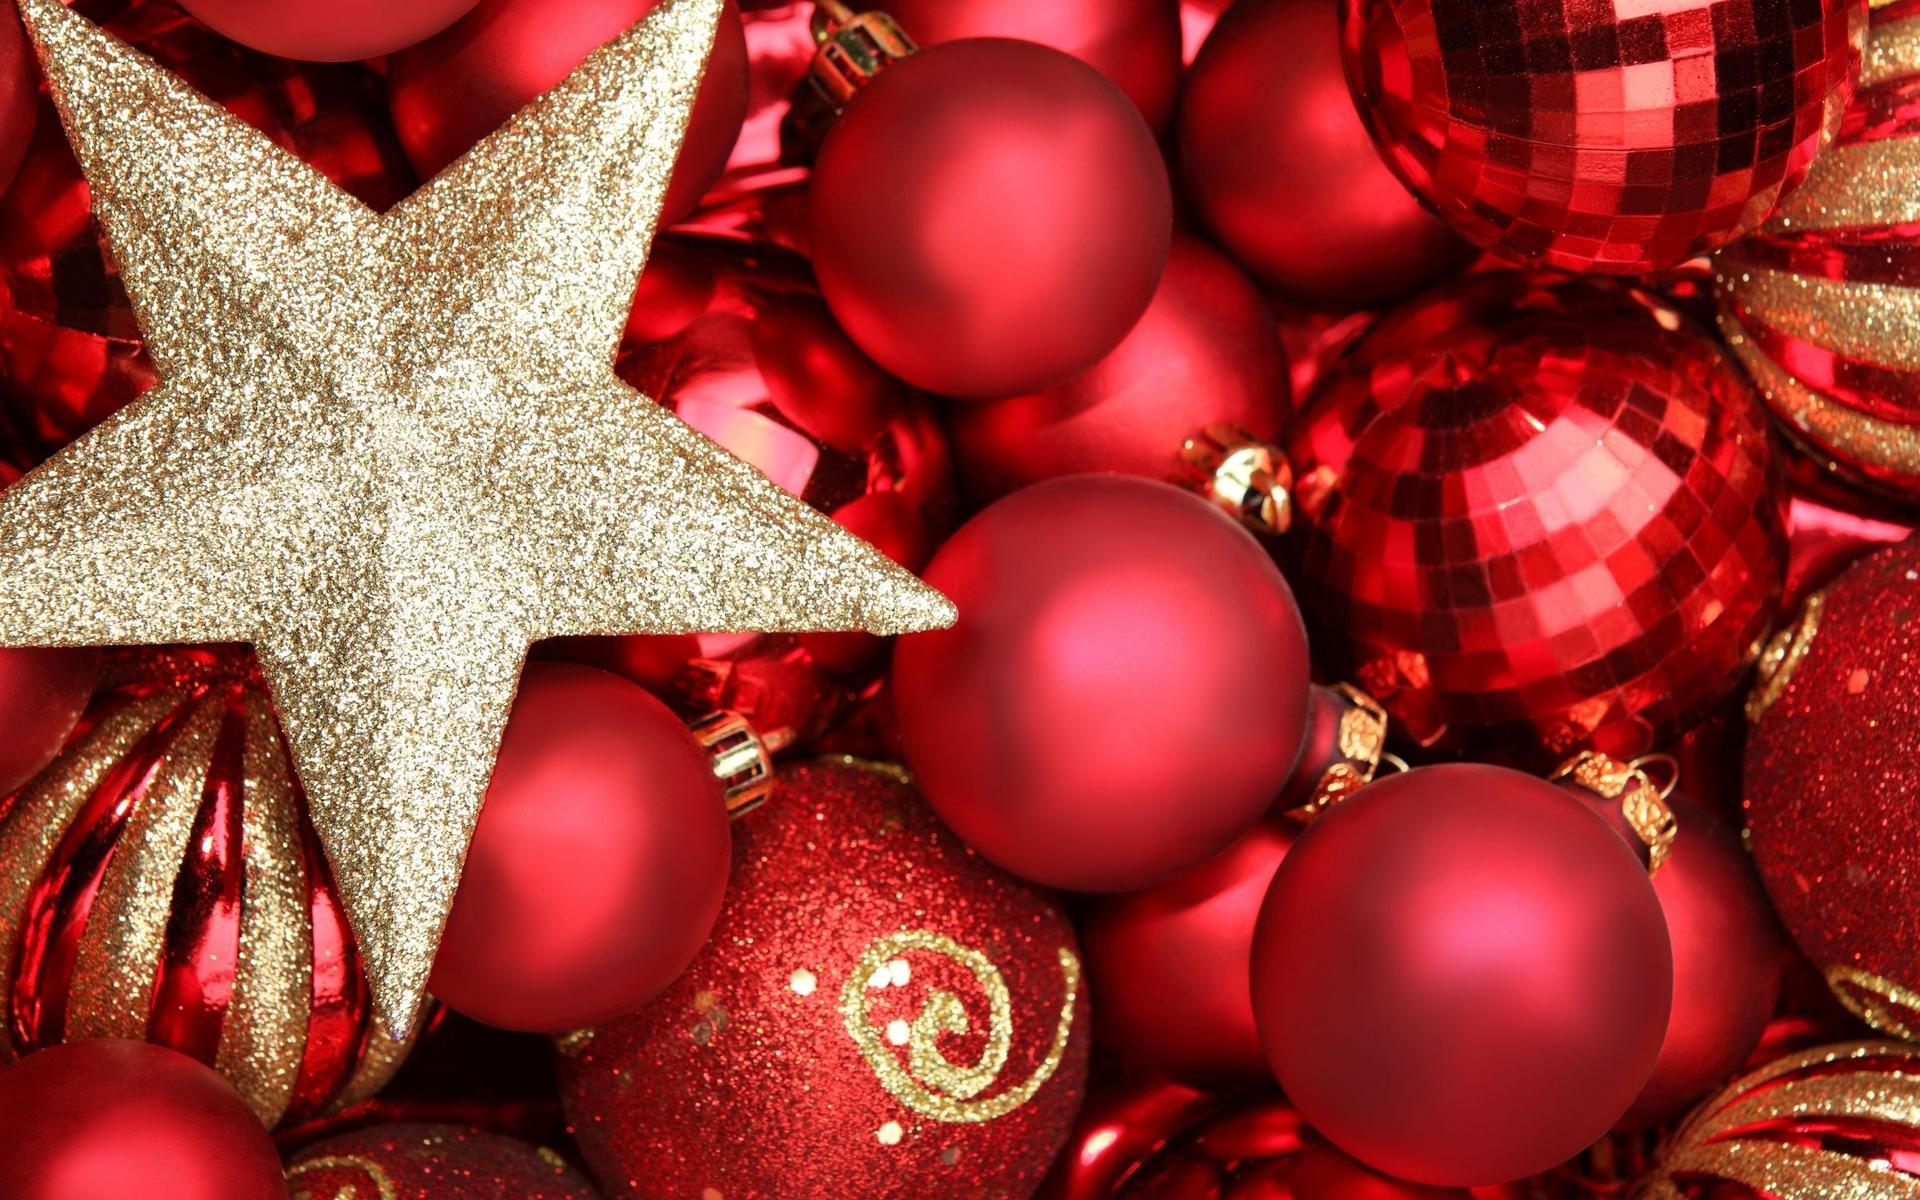 Шарики звезда - C наступающим новым годом 2021 поздравительные картинки